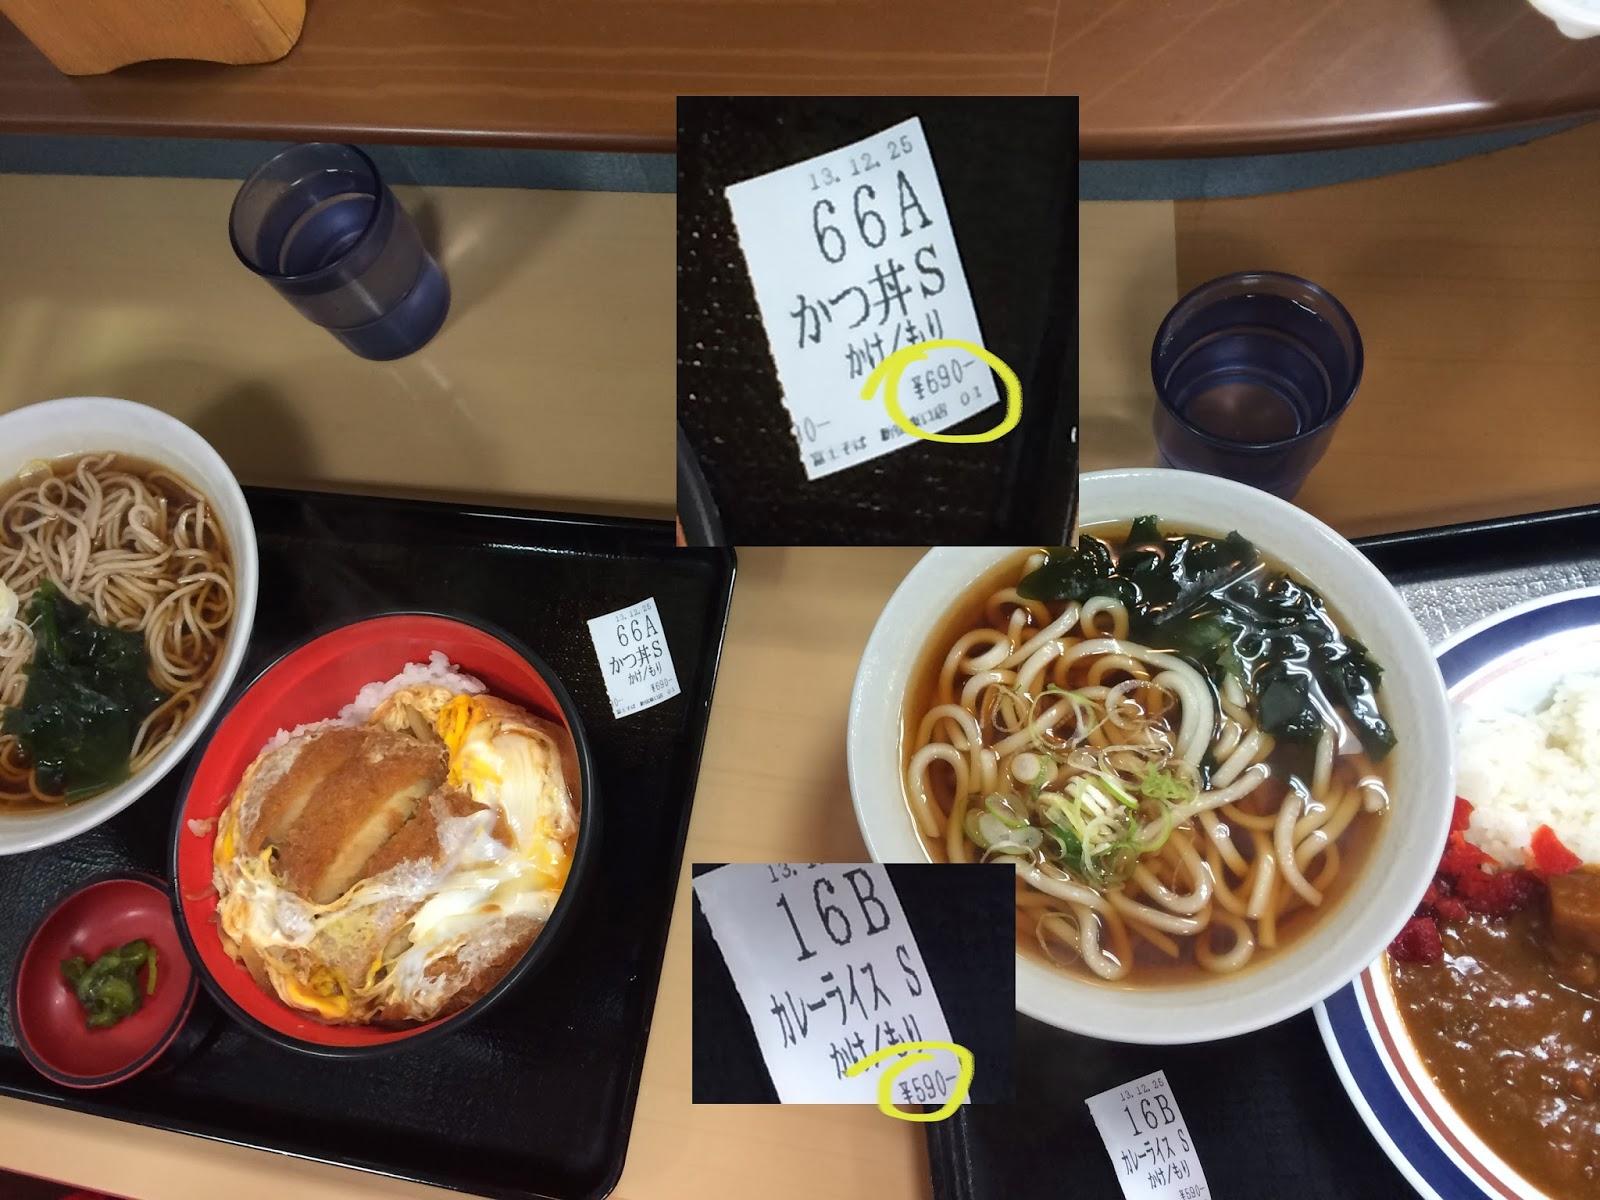 Udon noodles, katsudon, curry